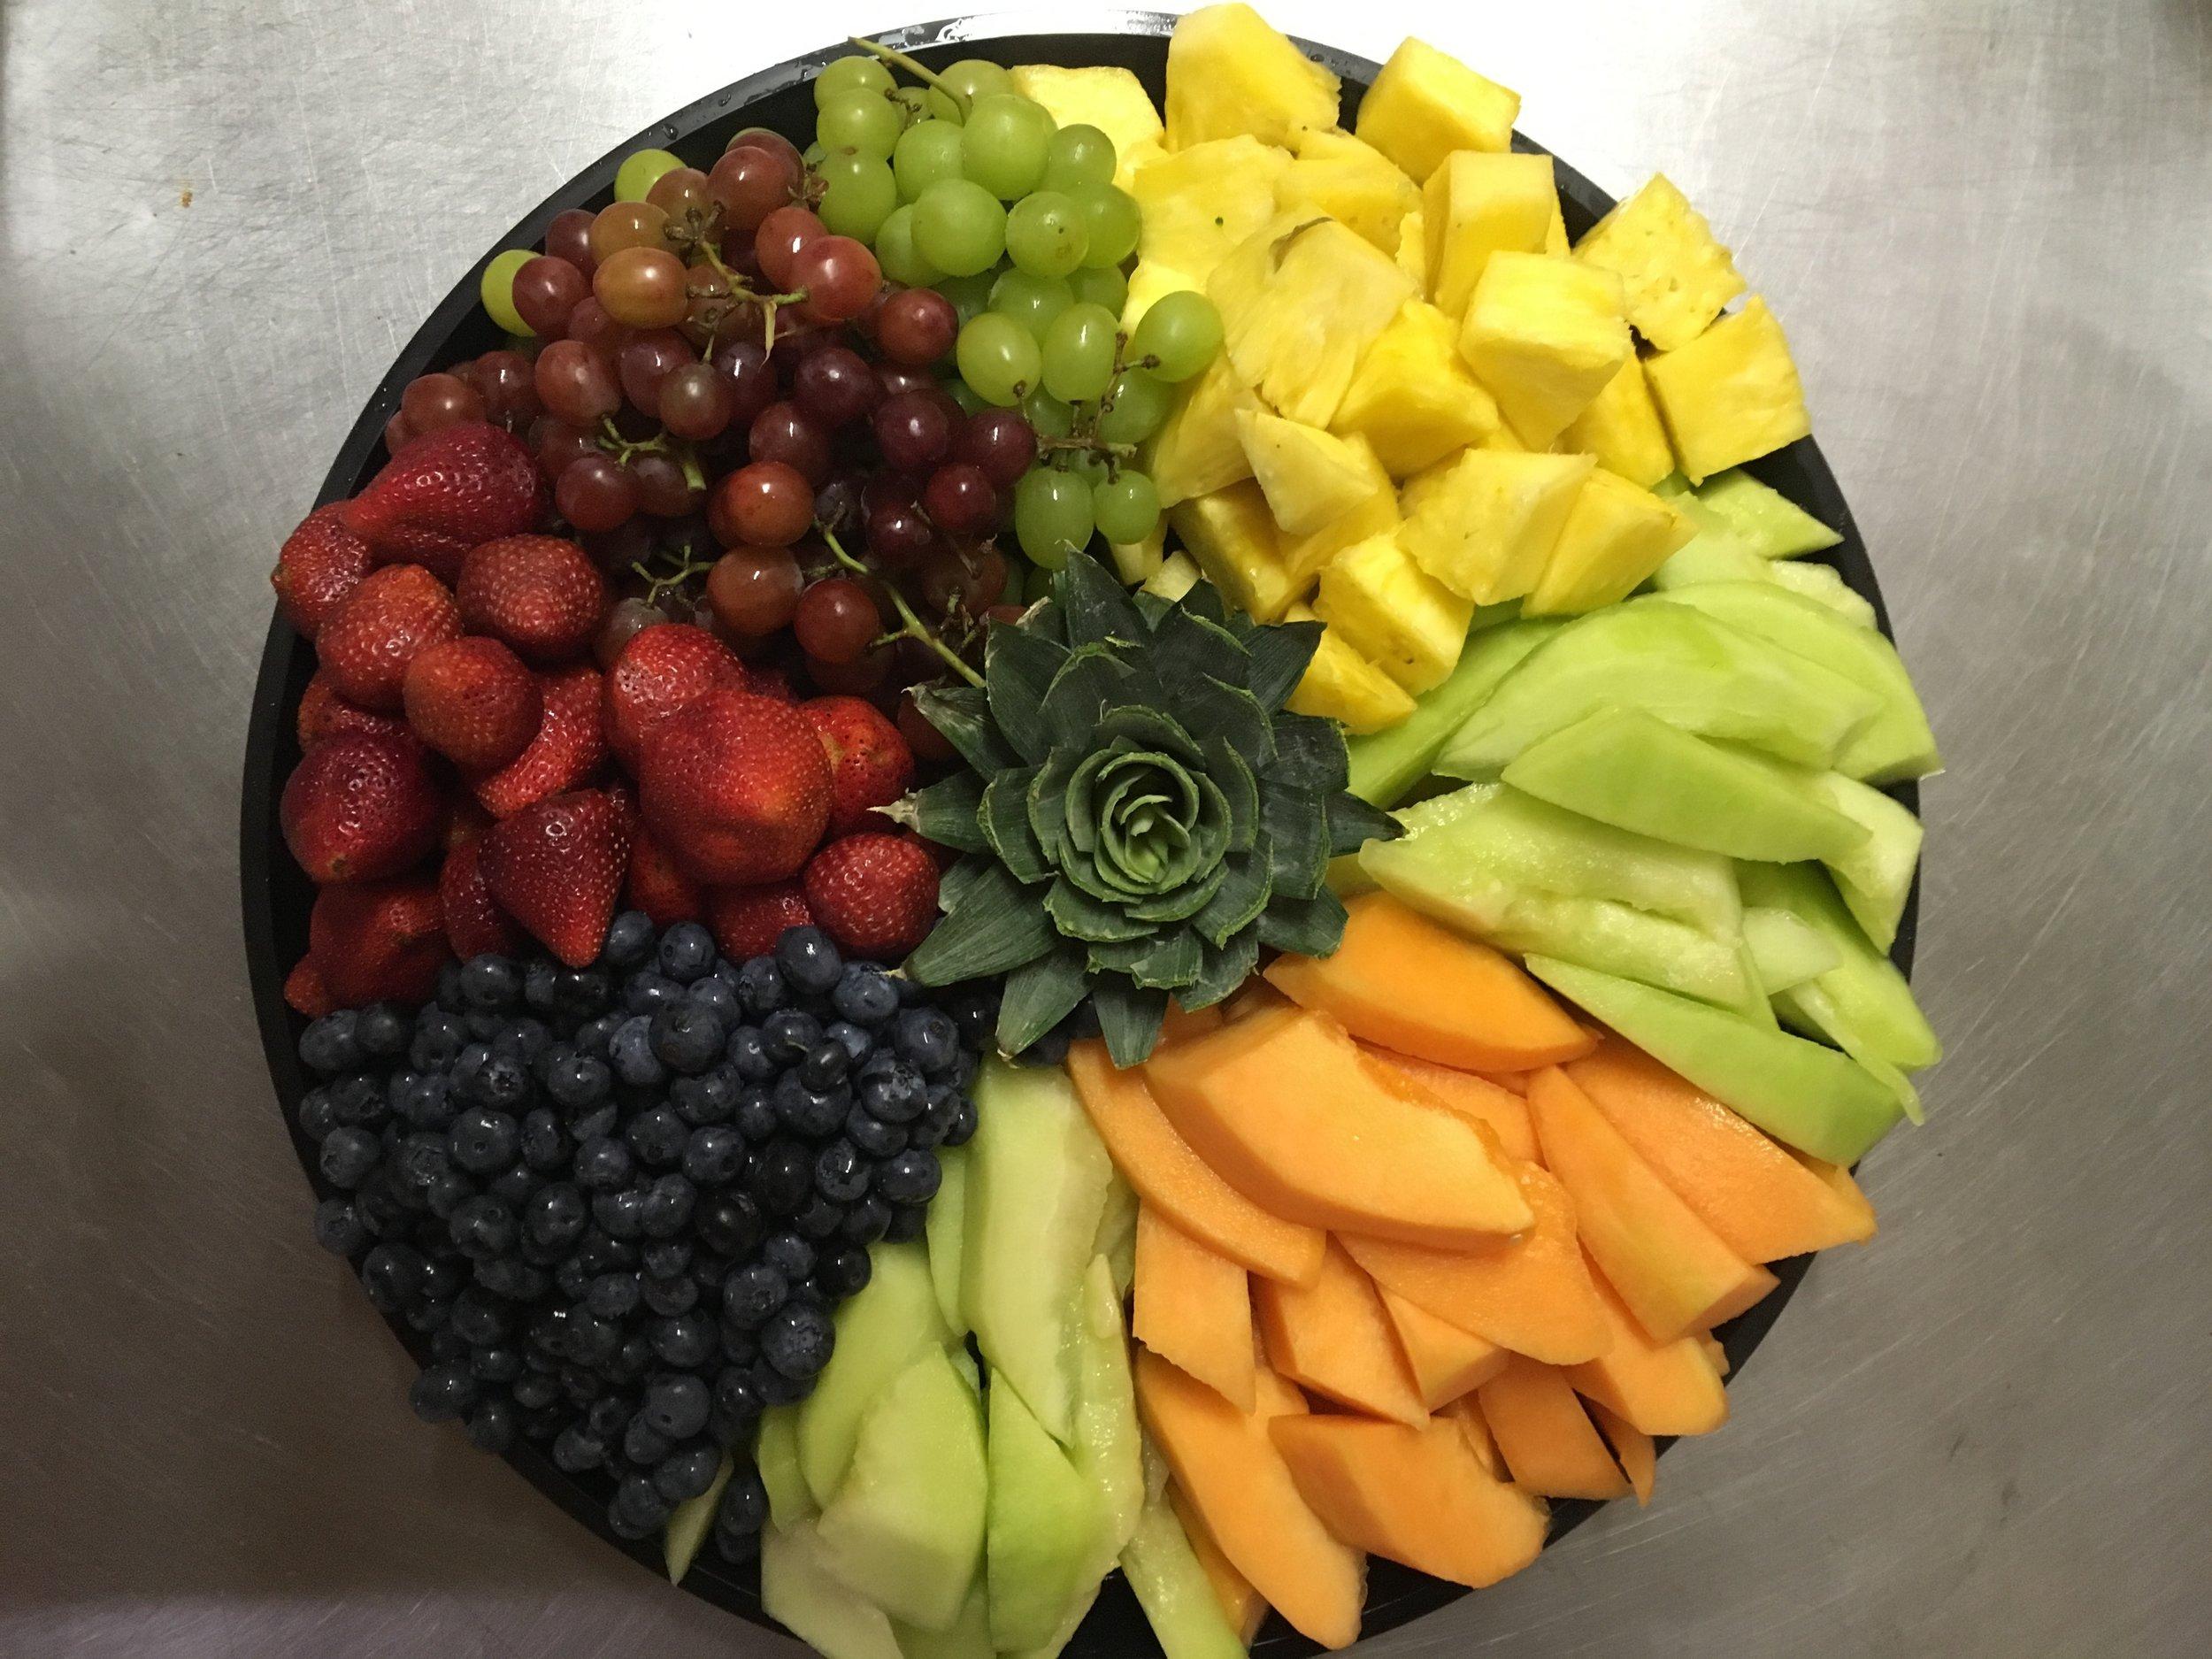 Catering_Fruit_Platter.JPG